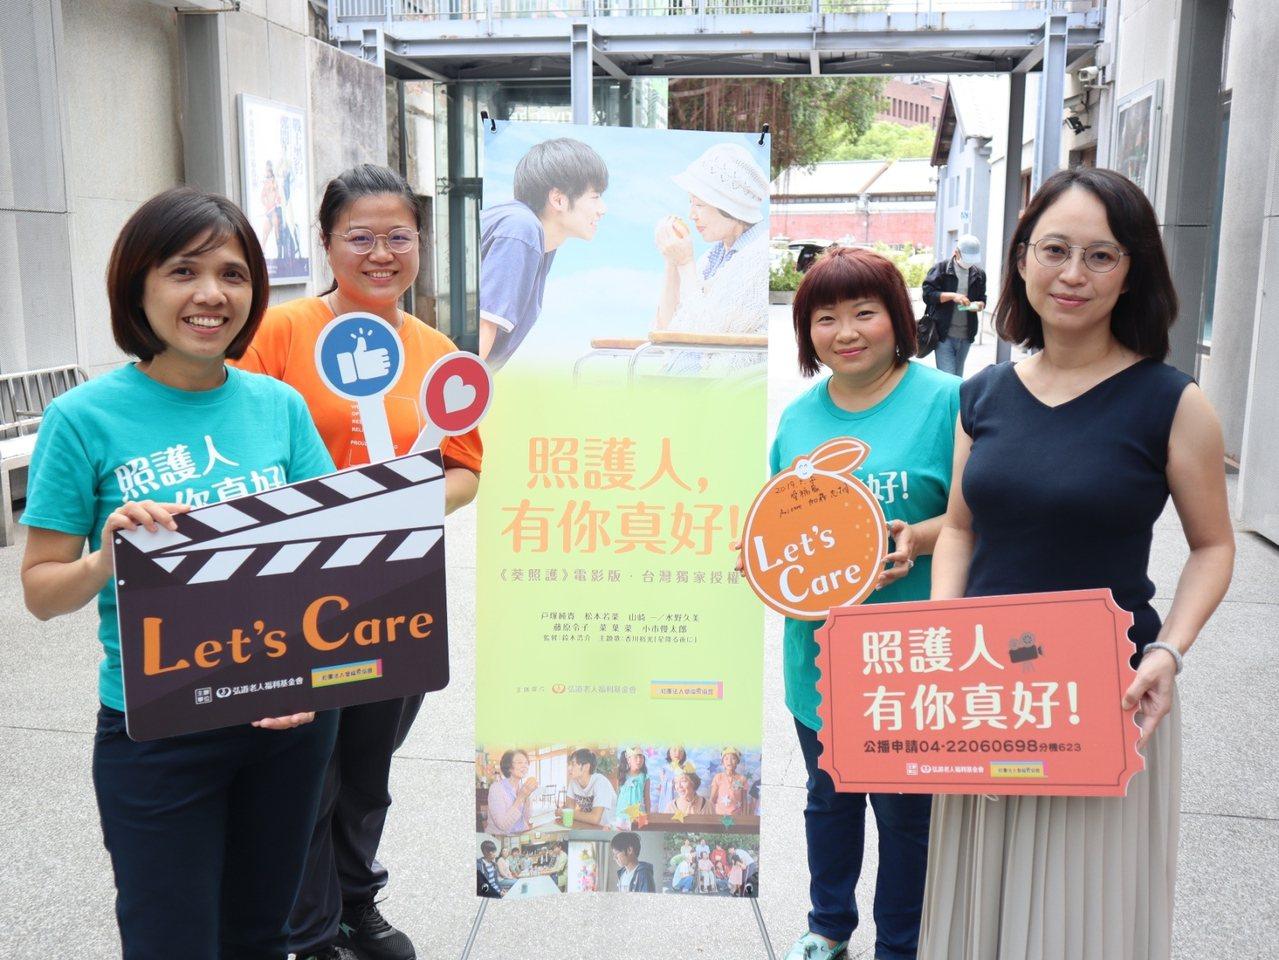 弘道基金會與愛福家協會推廣《照護人,有你真好》電影公播,希望以陪伴賦予日常生活能...